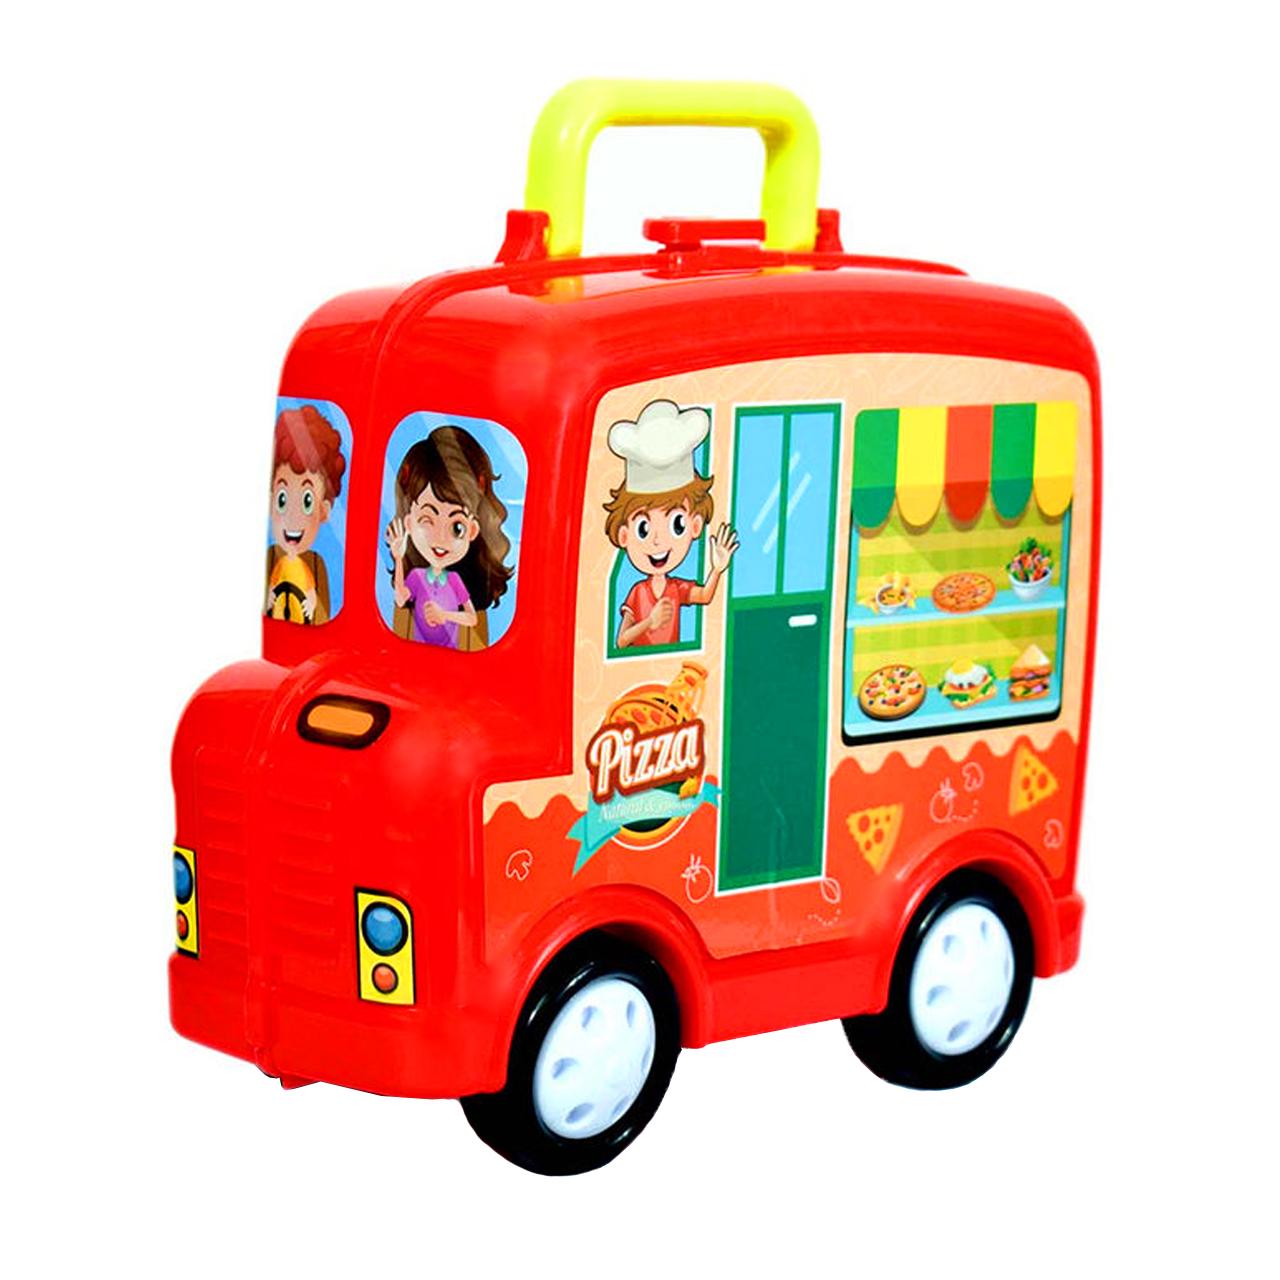 اسباب بازی آشپزخانه طرح پیتزا فروشی کد 48229